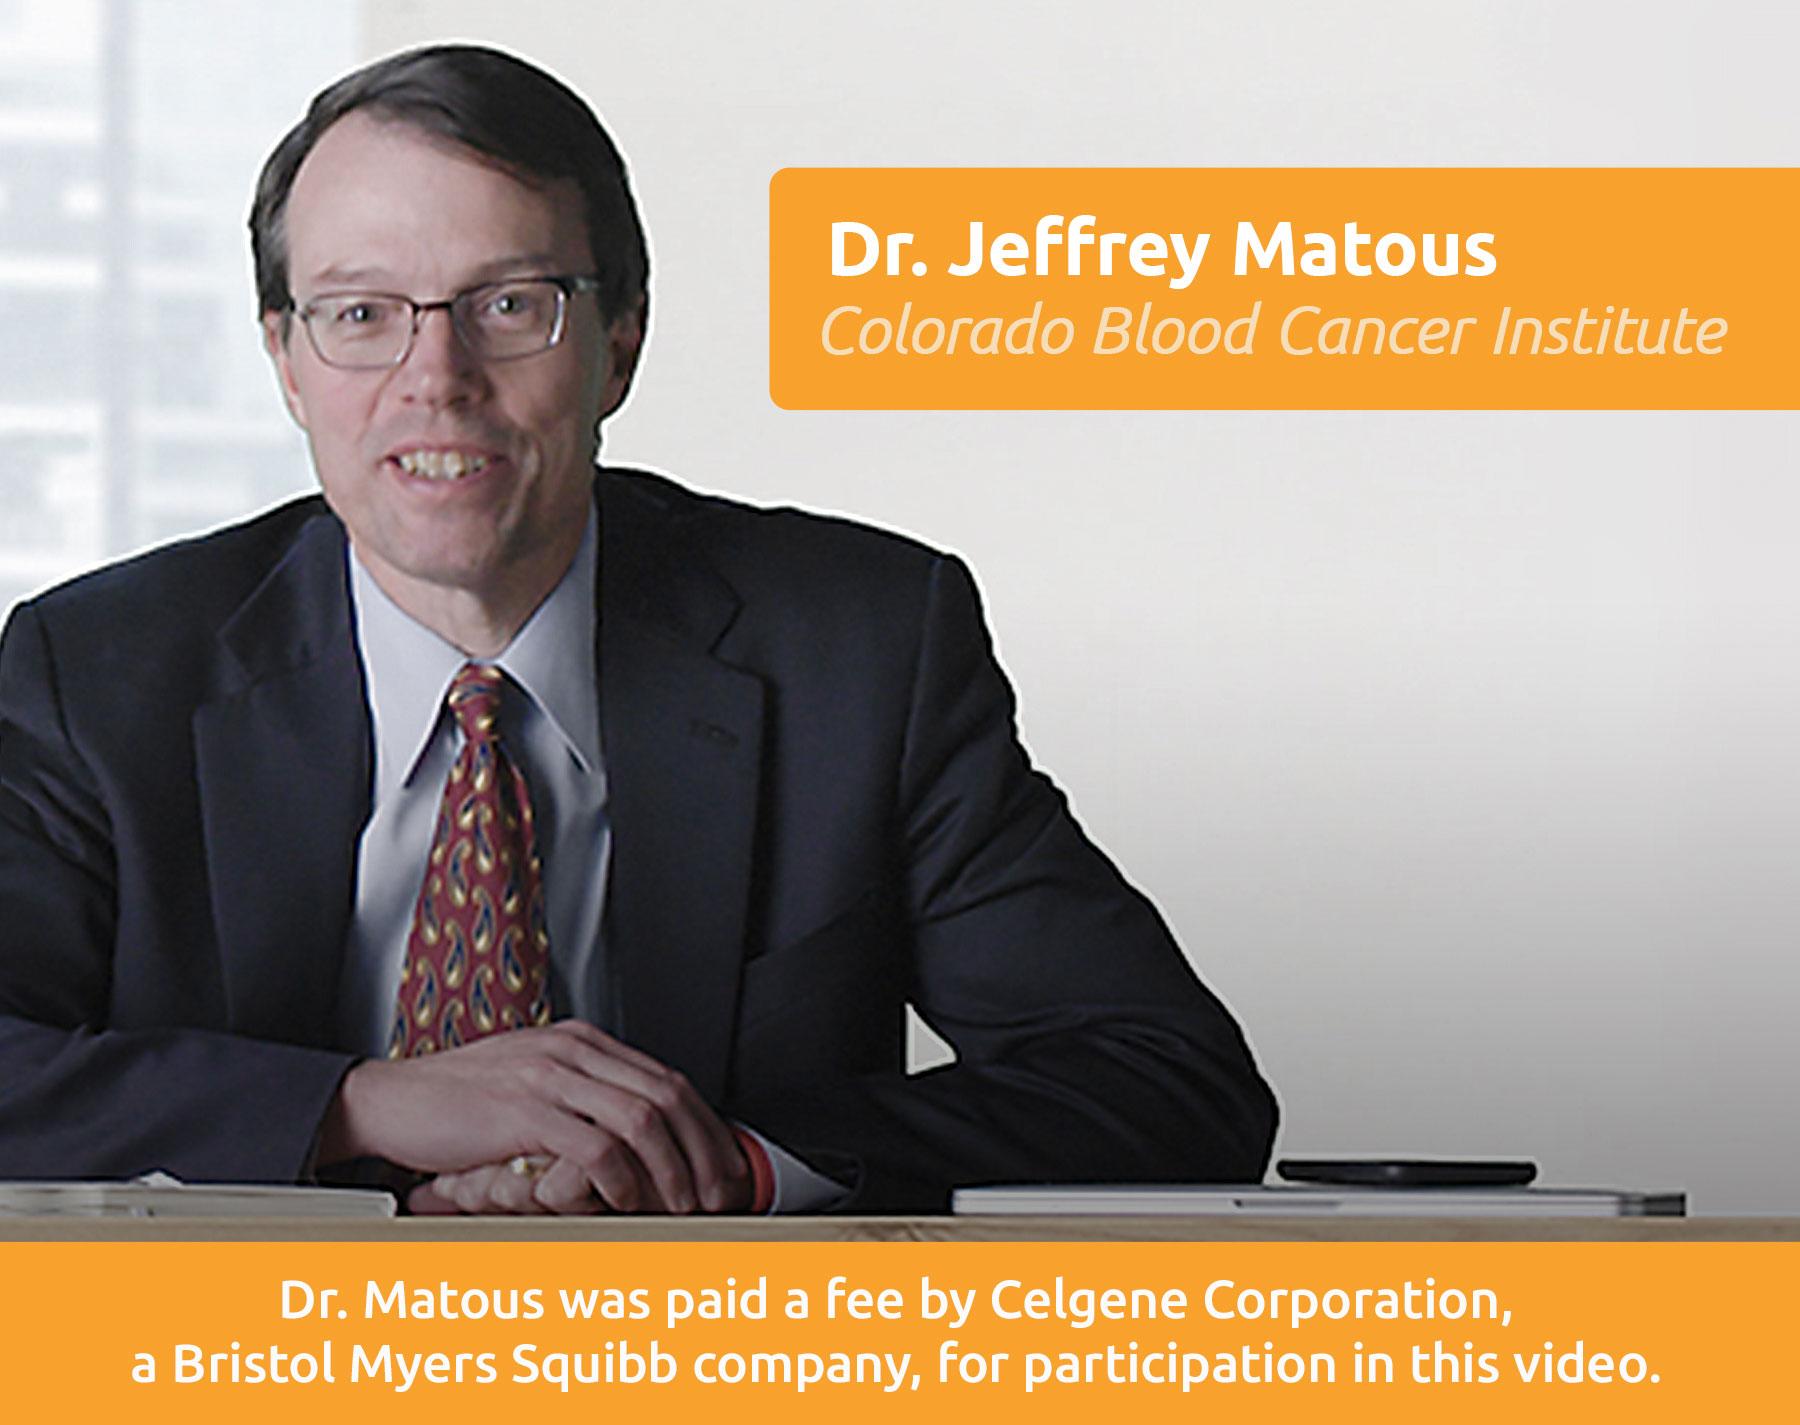 Dr. Jeffrey Matous, Colorado Blood Cancer Institute